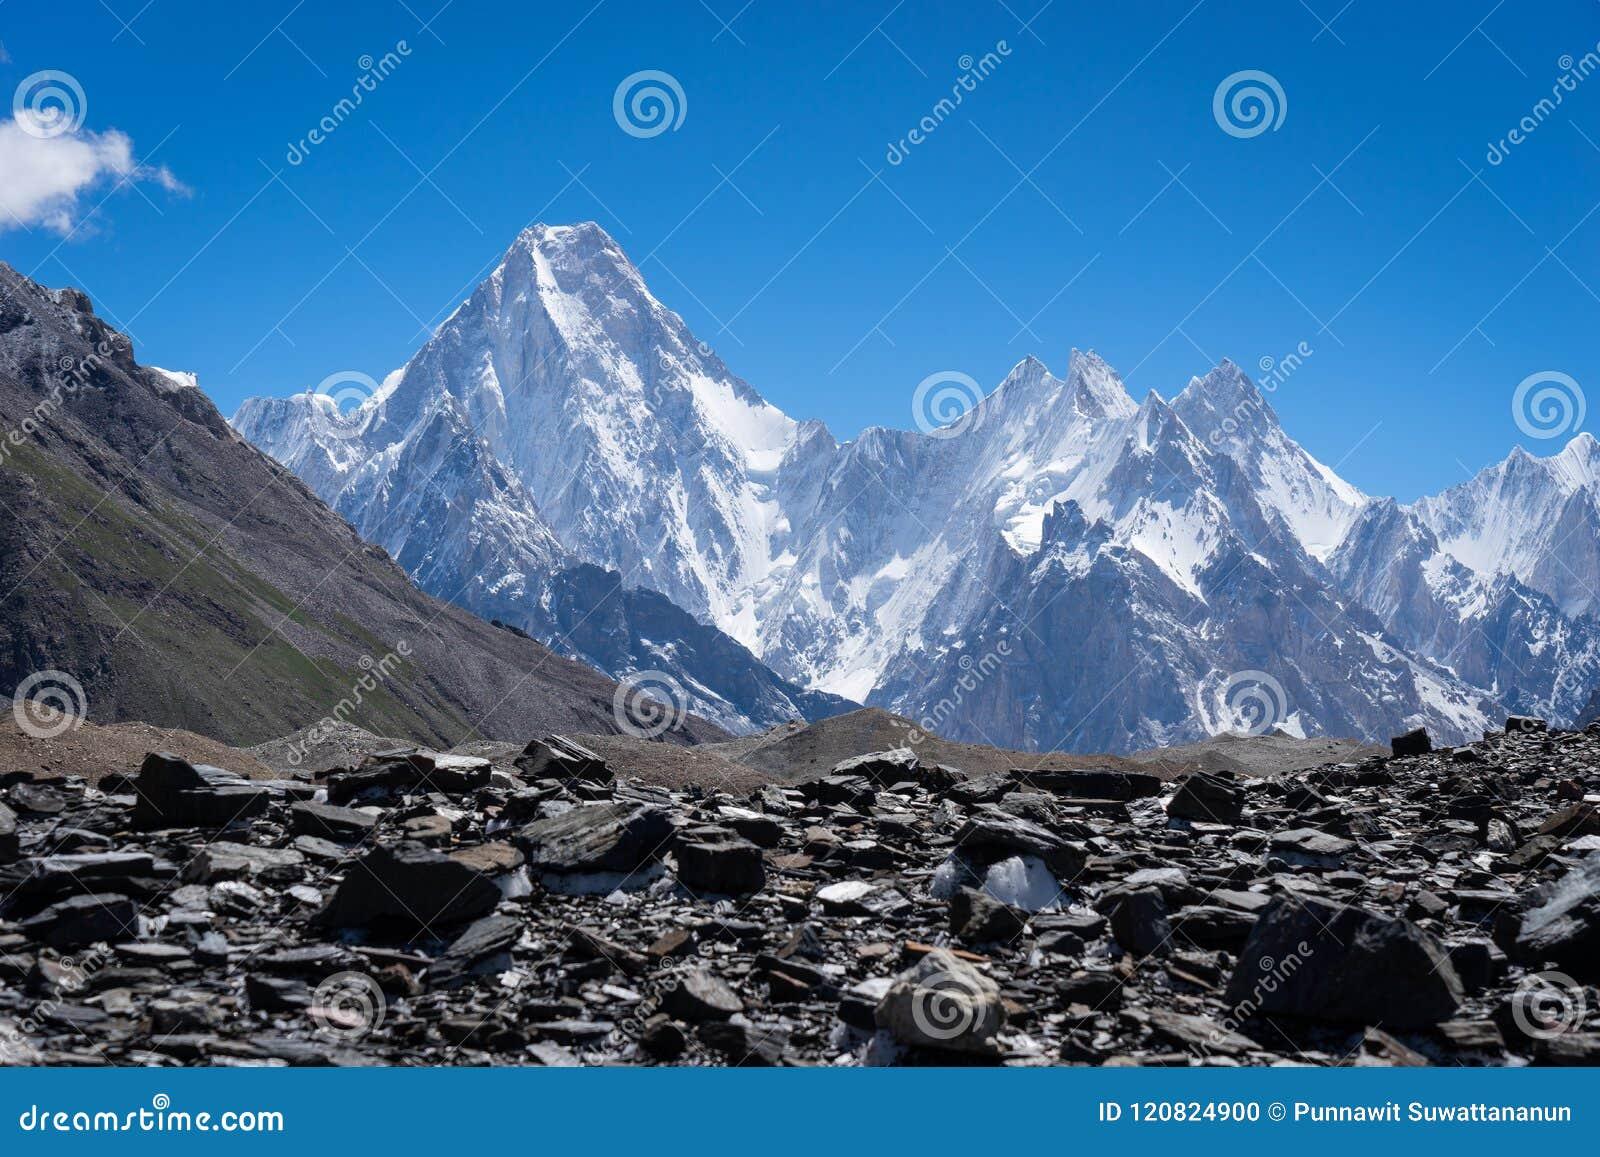 迦舒布鲁姆喀喇昆仑山脉范围的, K2艰苦跋涉,巴基斯坦山断层块